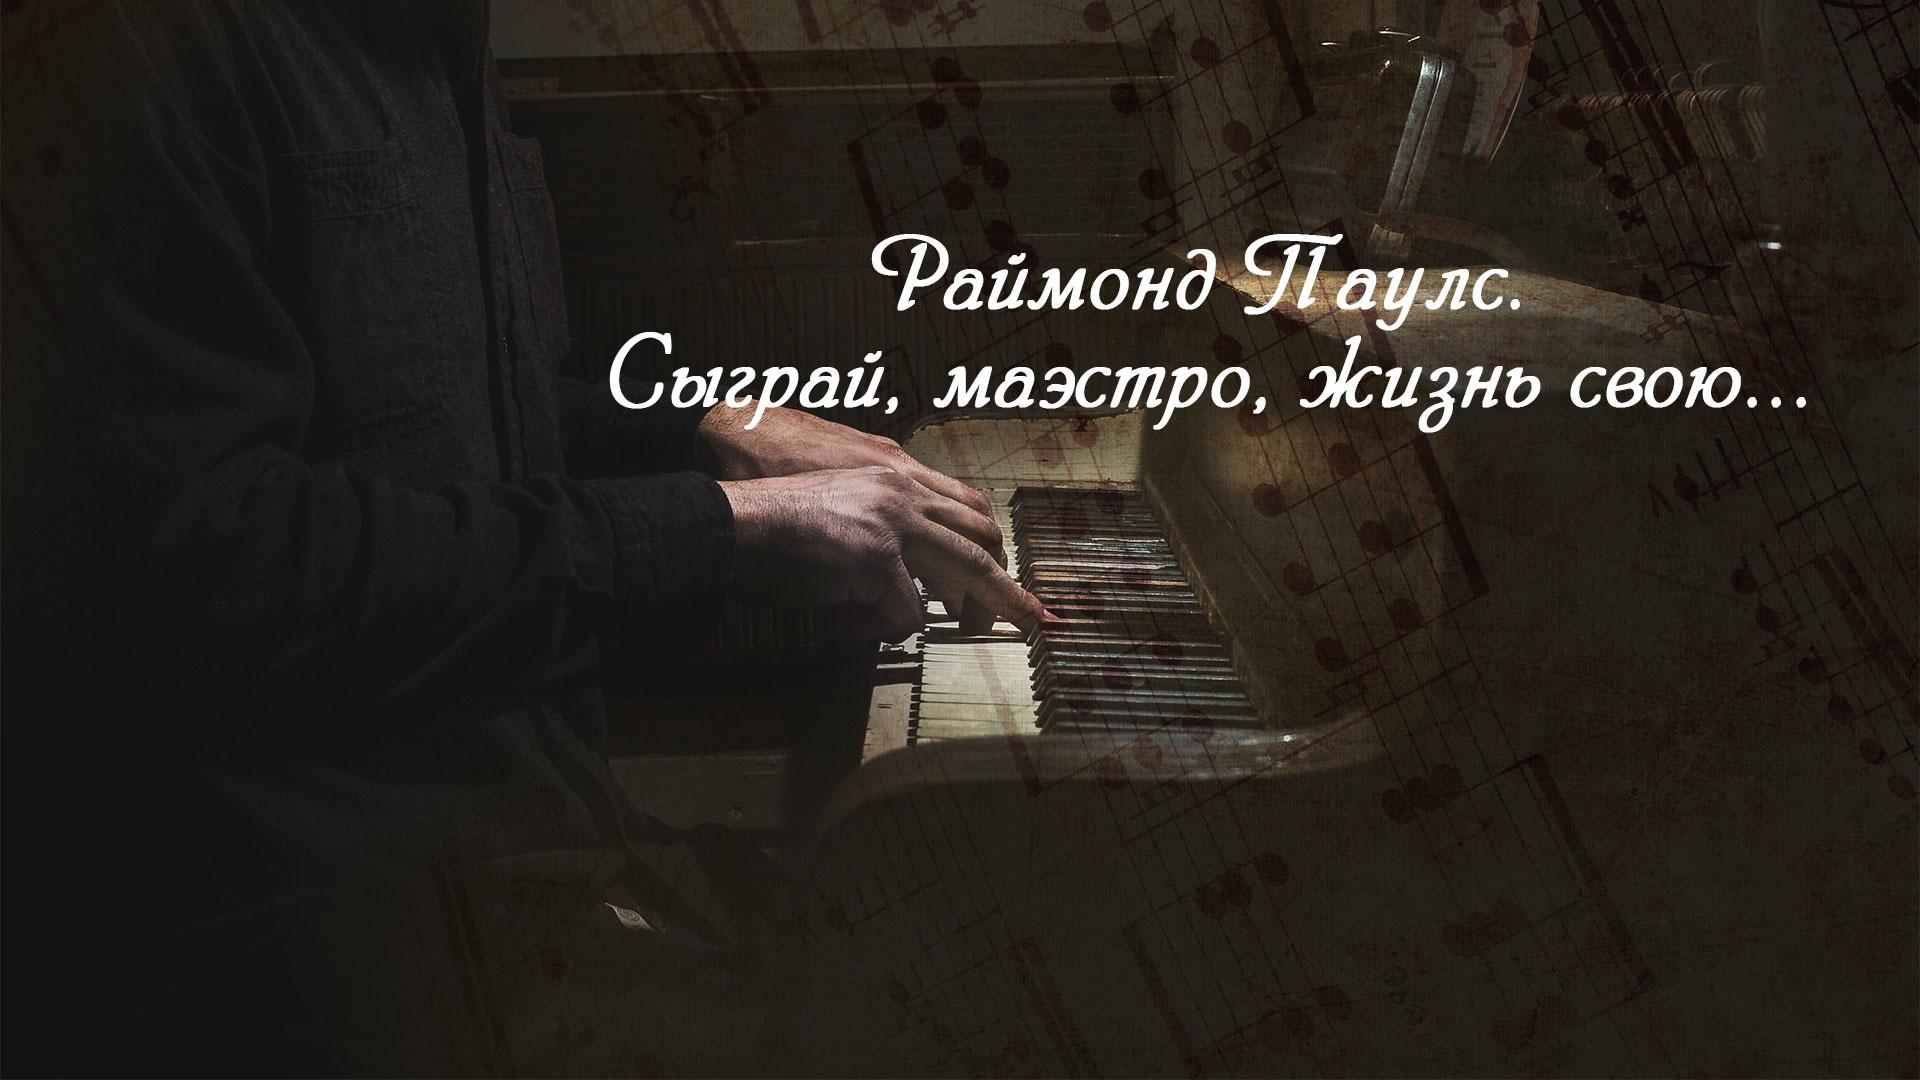 Раймонд Паулс. Сыграй, маэстро, жизнь свою...